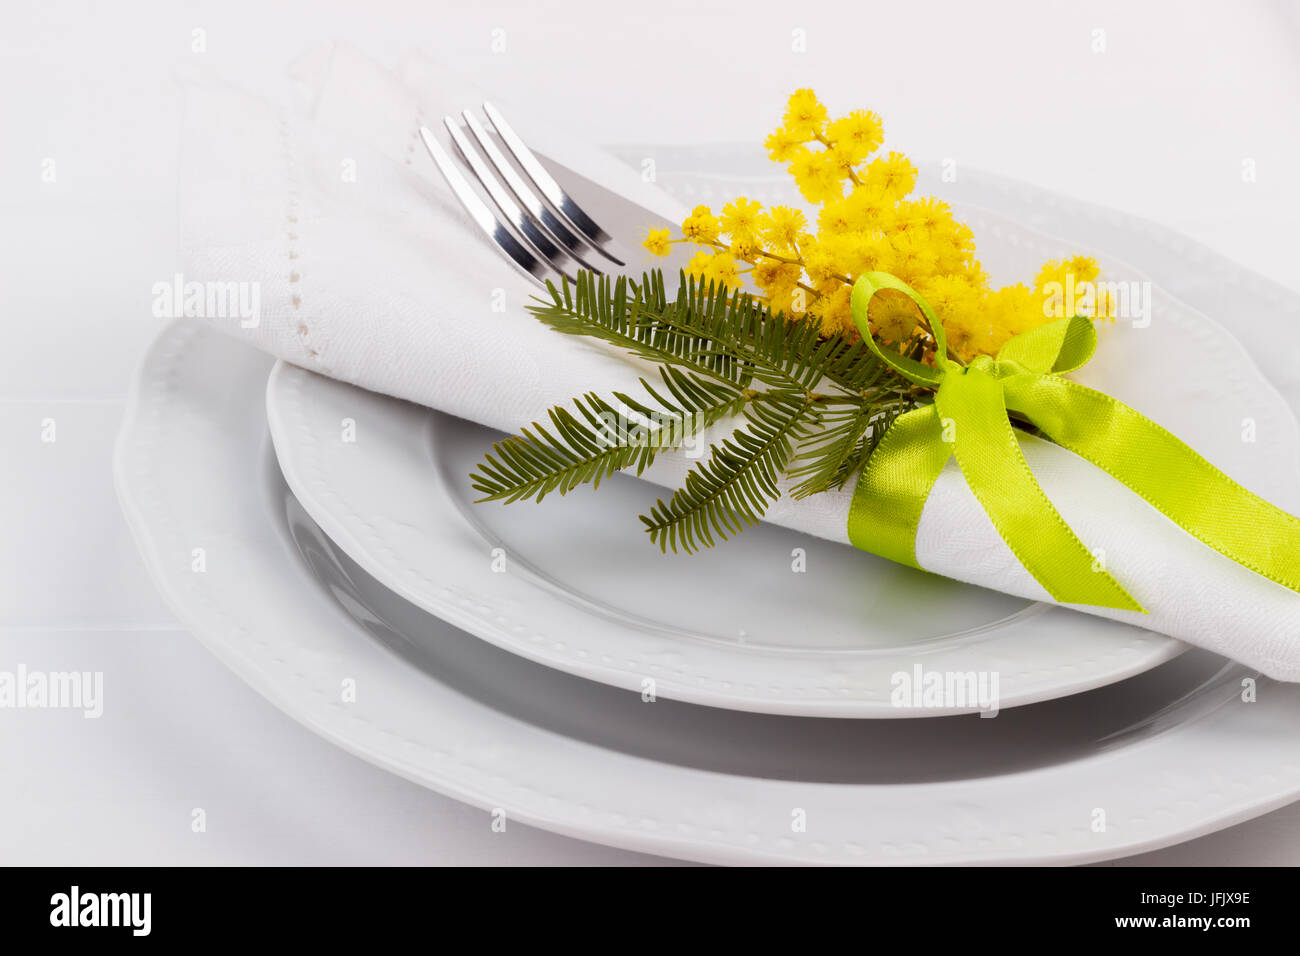 Easter dinner table setting  sc 1 st  Alamy & Easter dinner table setting Stock Photo: 147318570 - Alamy